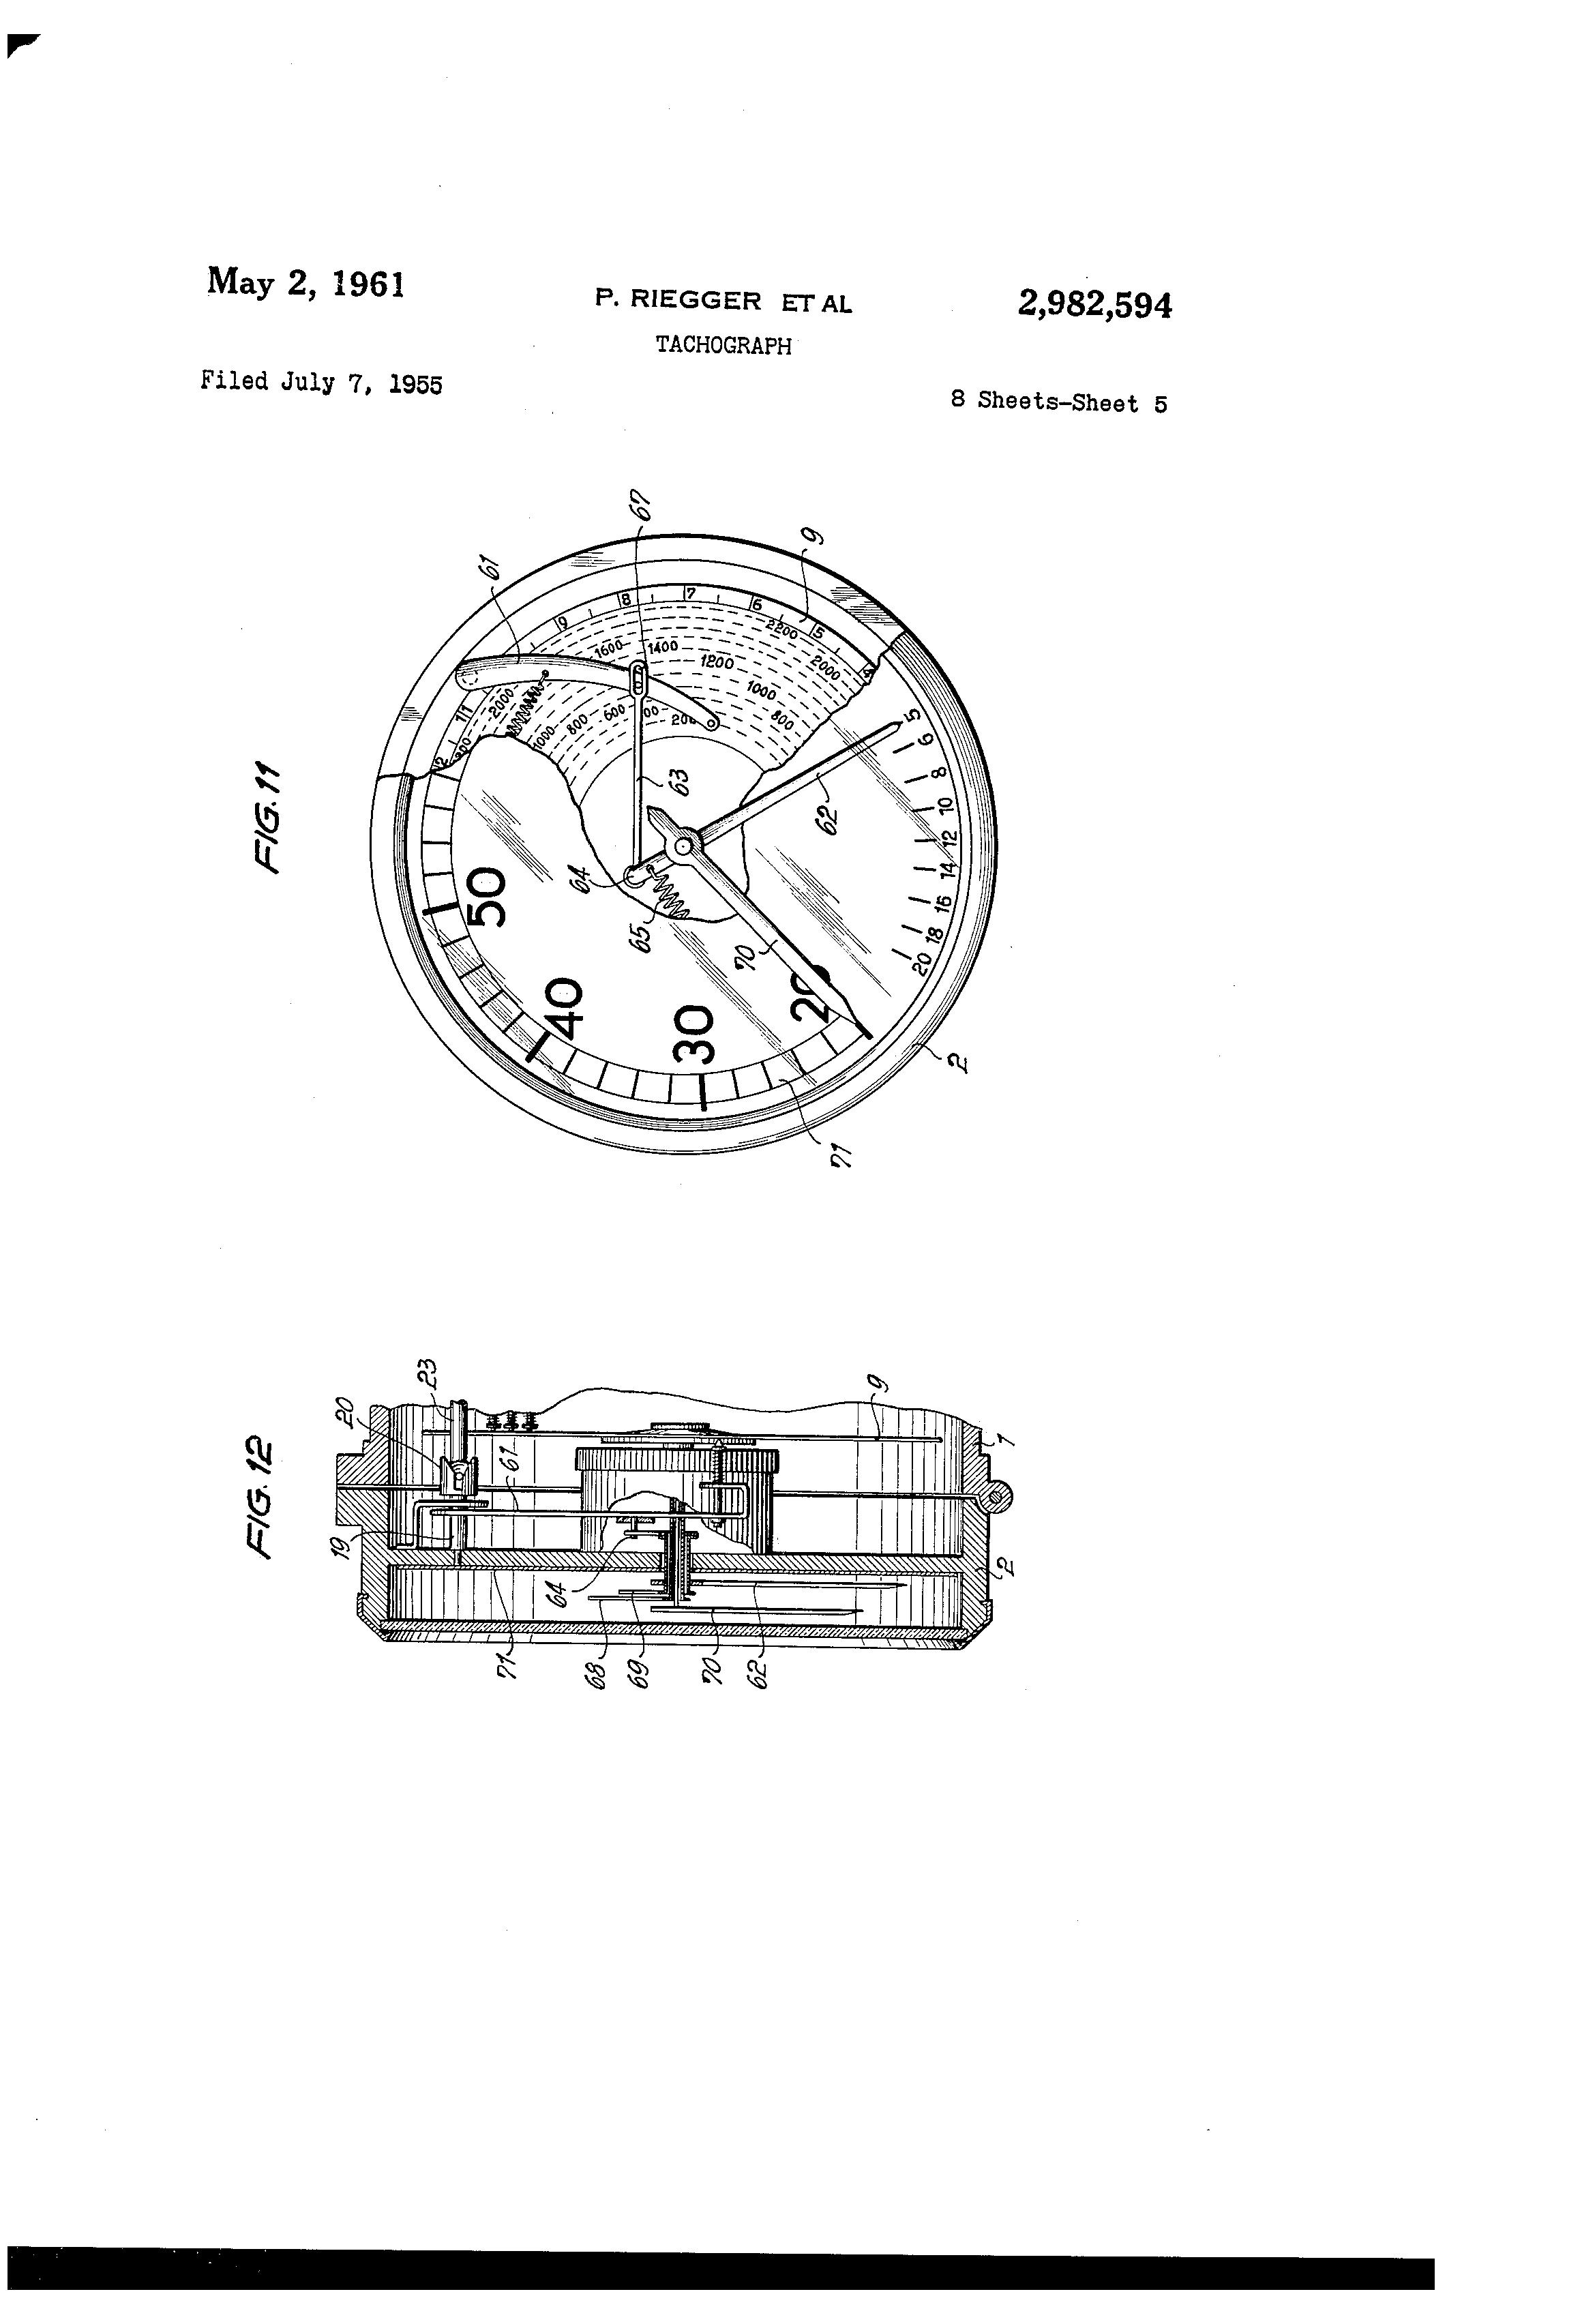 Patent Drawing  sc 1 th 272 : kienzle tachograph wiring diagram - yogabreezes.com